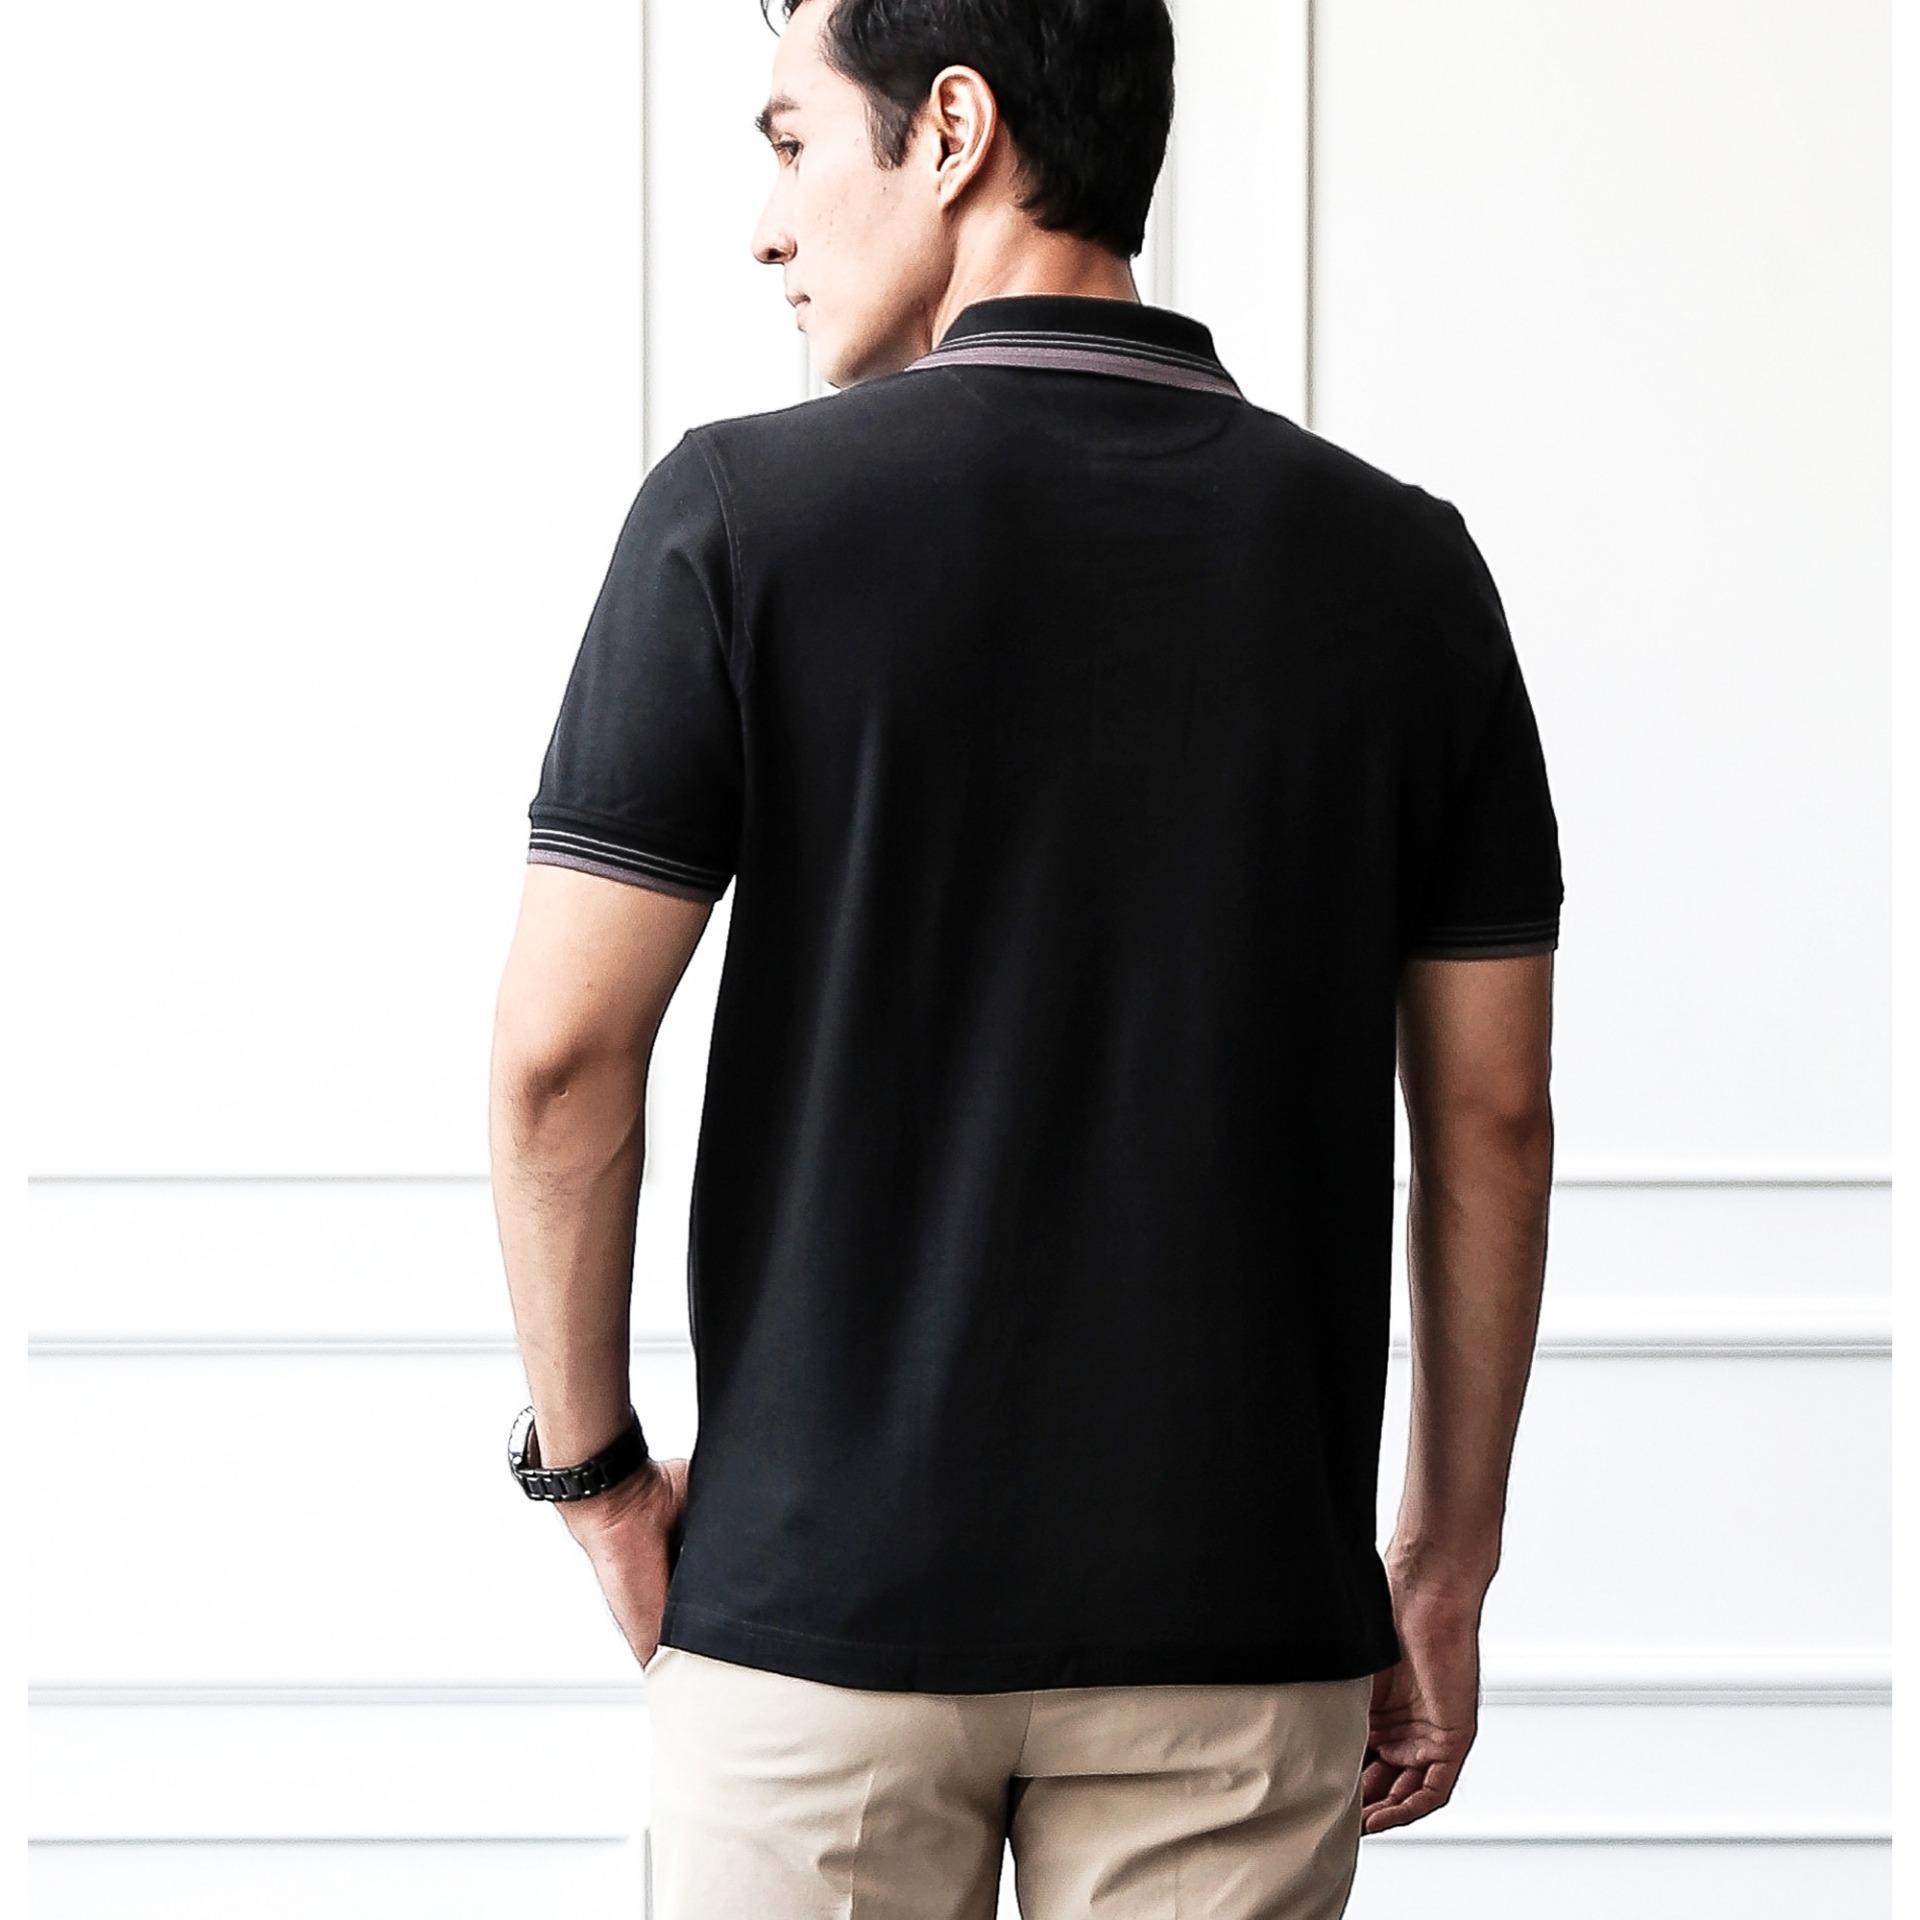 Baju Pria Crocodile Men Polo Shirt Bahan Katun 100 Cotton John White Palm Relax Fit L